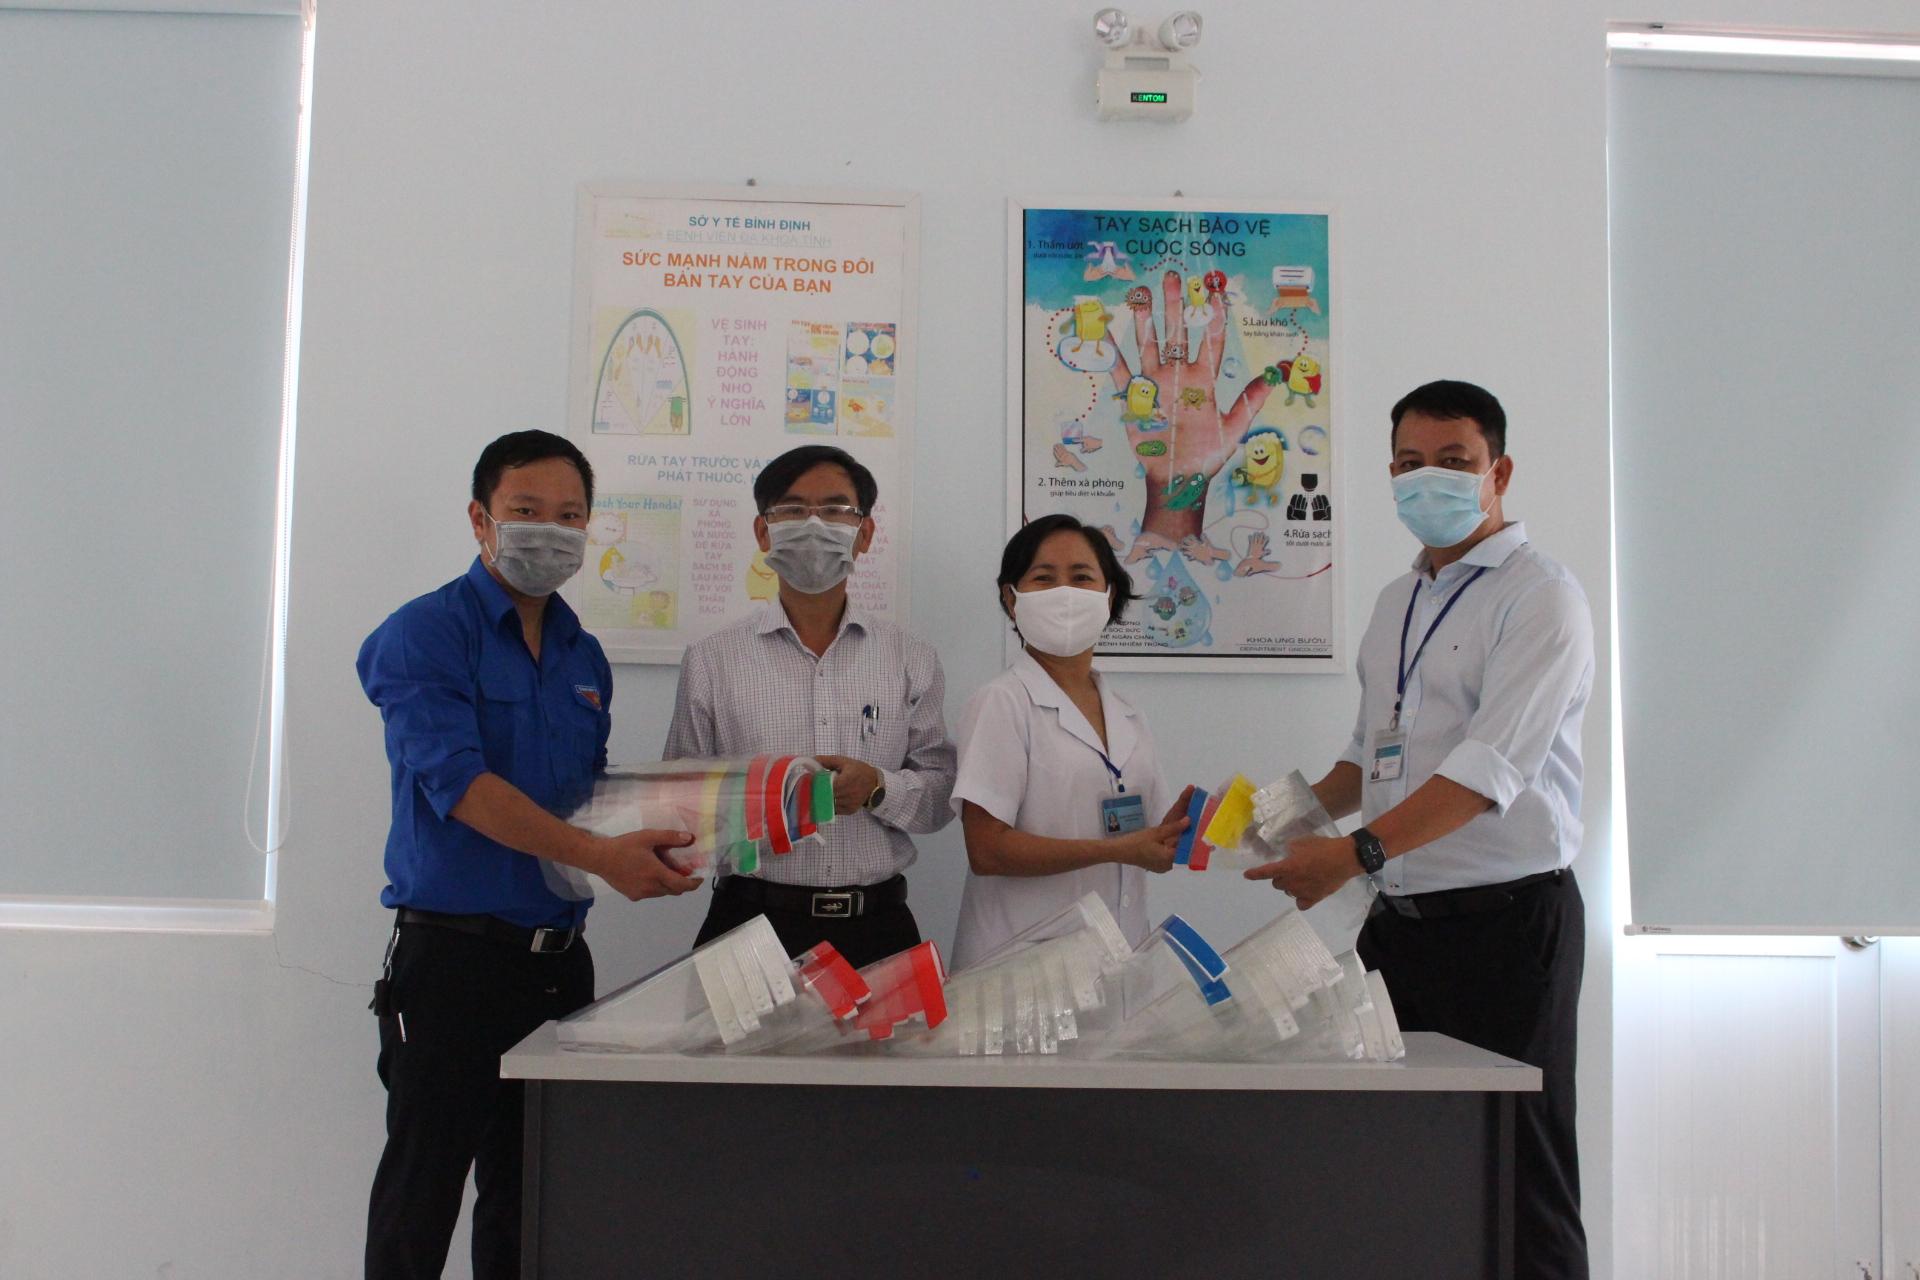 BS Võ Bảo Dũng – Phó Giám đốc bệnh viện tiếp nhận 1000 mặt nạ chống dịch Covid 19 và tặng hoa chúc mừng Đoàn thanh niên, Phòng Công tác xã hội